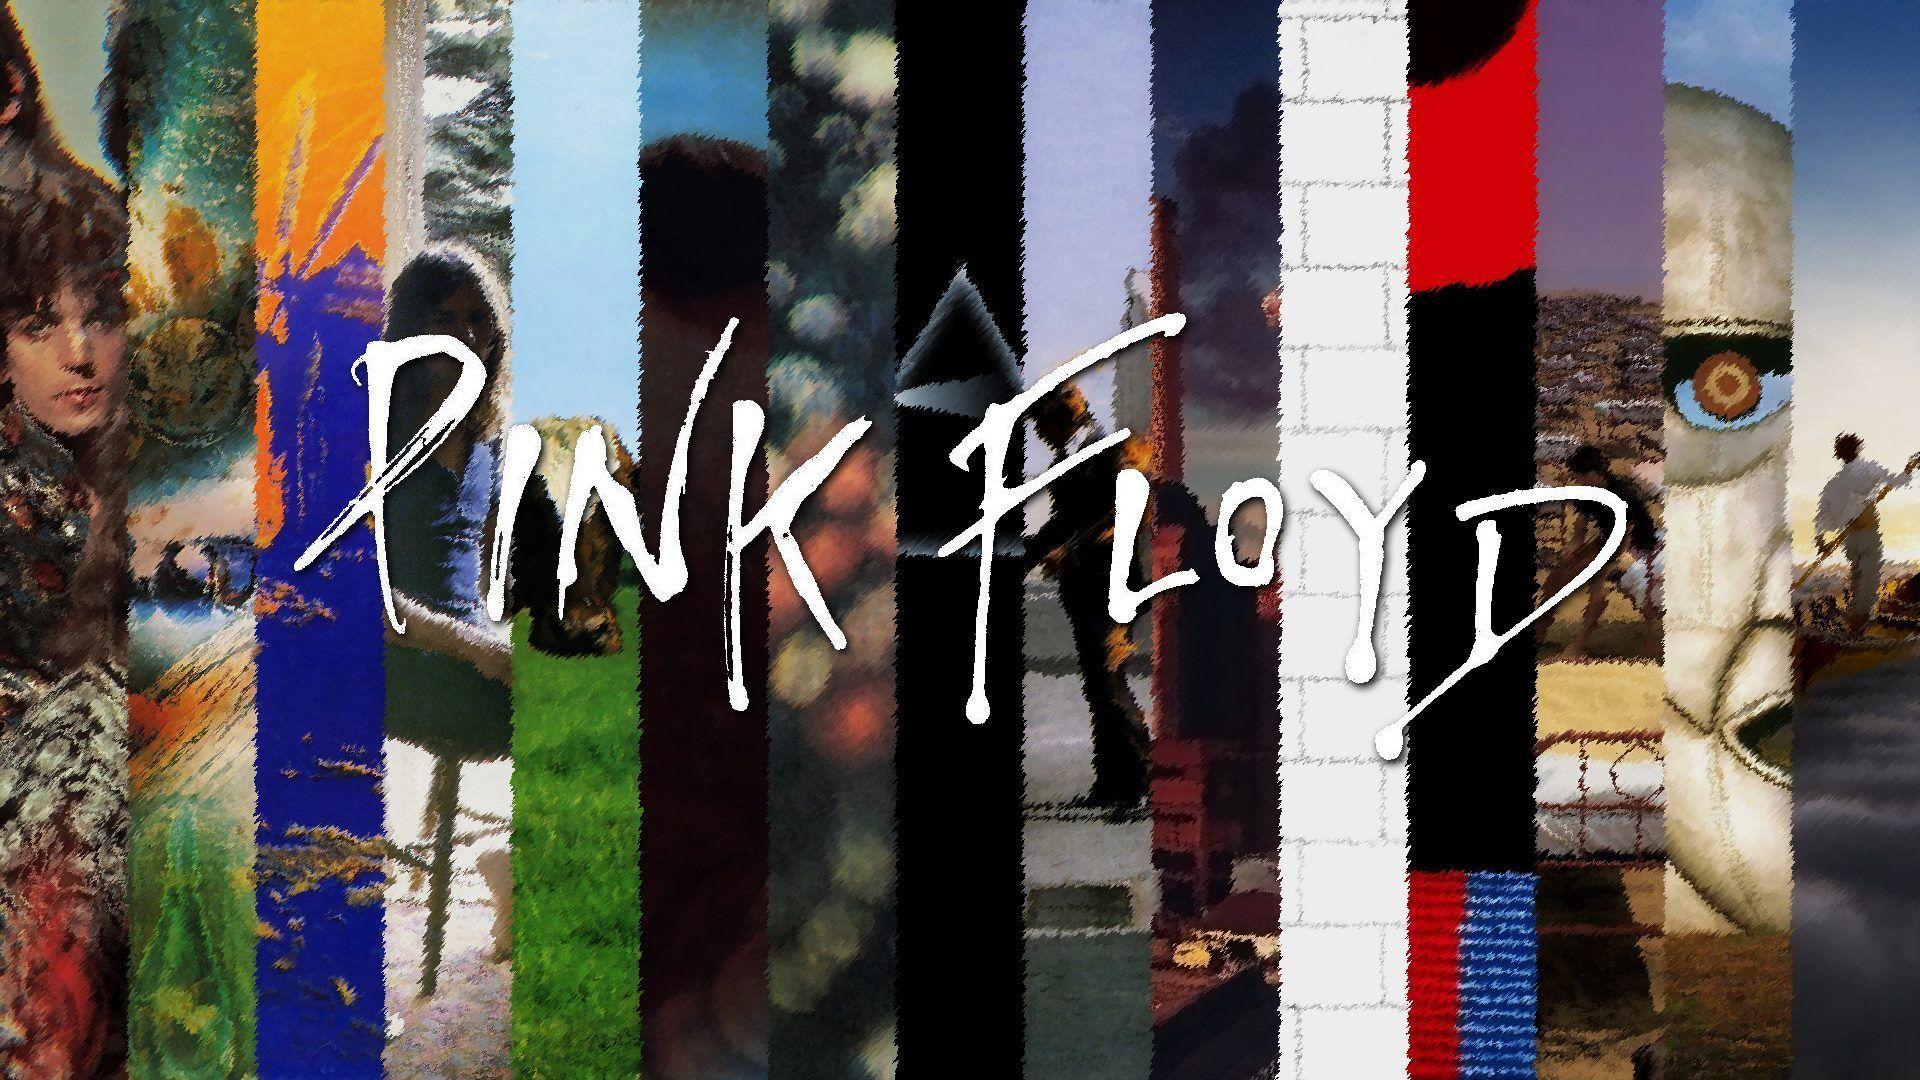 10688 - ¿Serías capaz de reconocer las portadas de los álbumes de Pink Floyd?